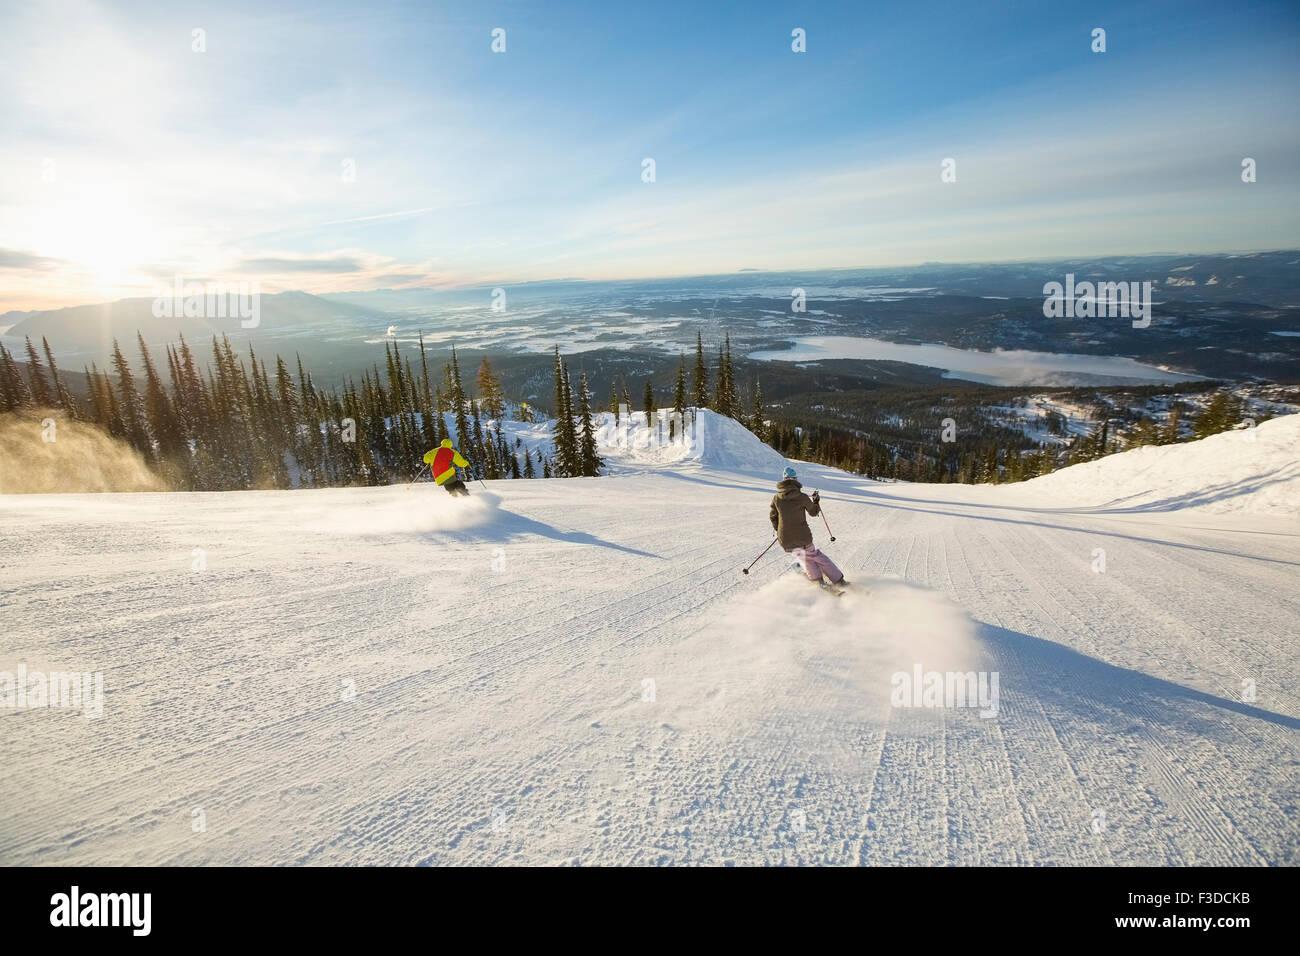 Deux personnes sur une piste de ski au soleil Photo Stock